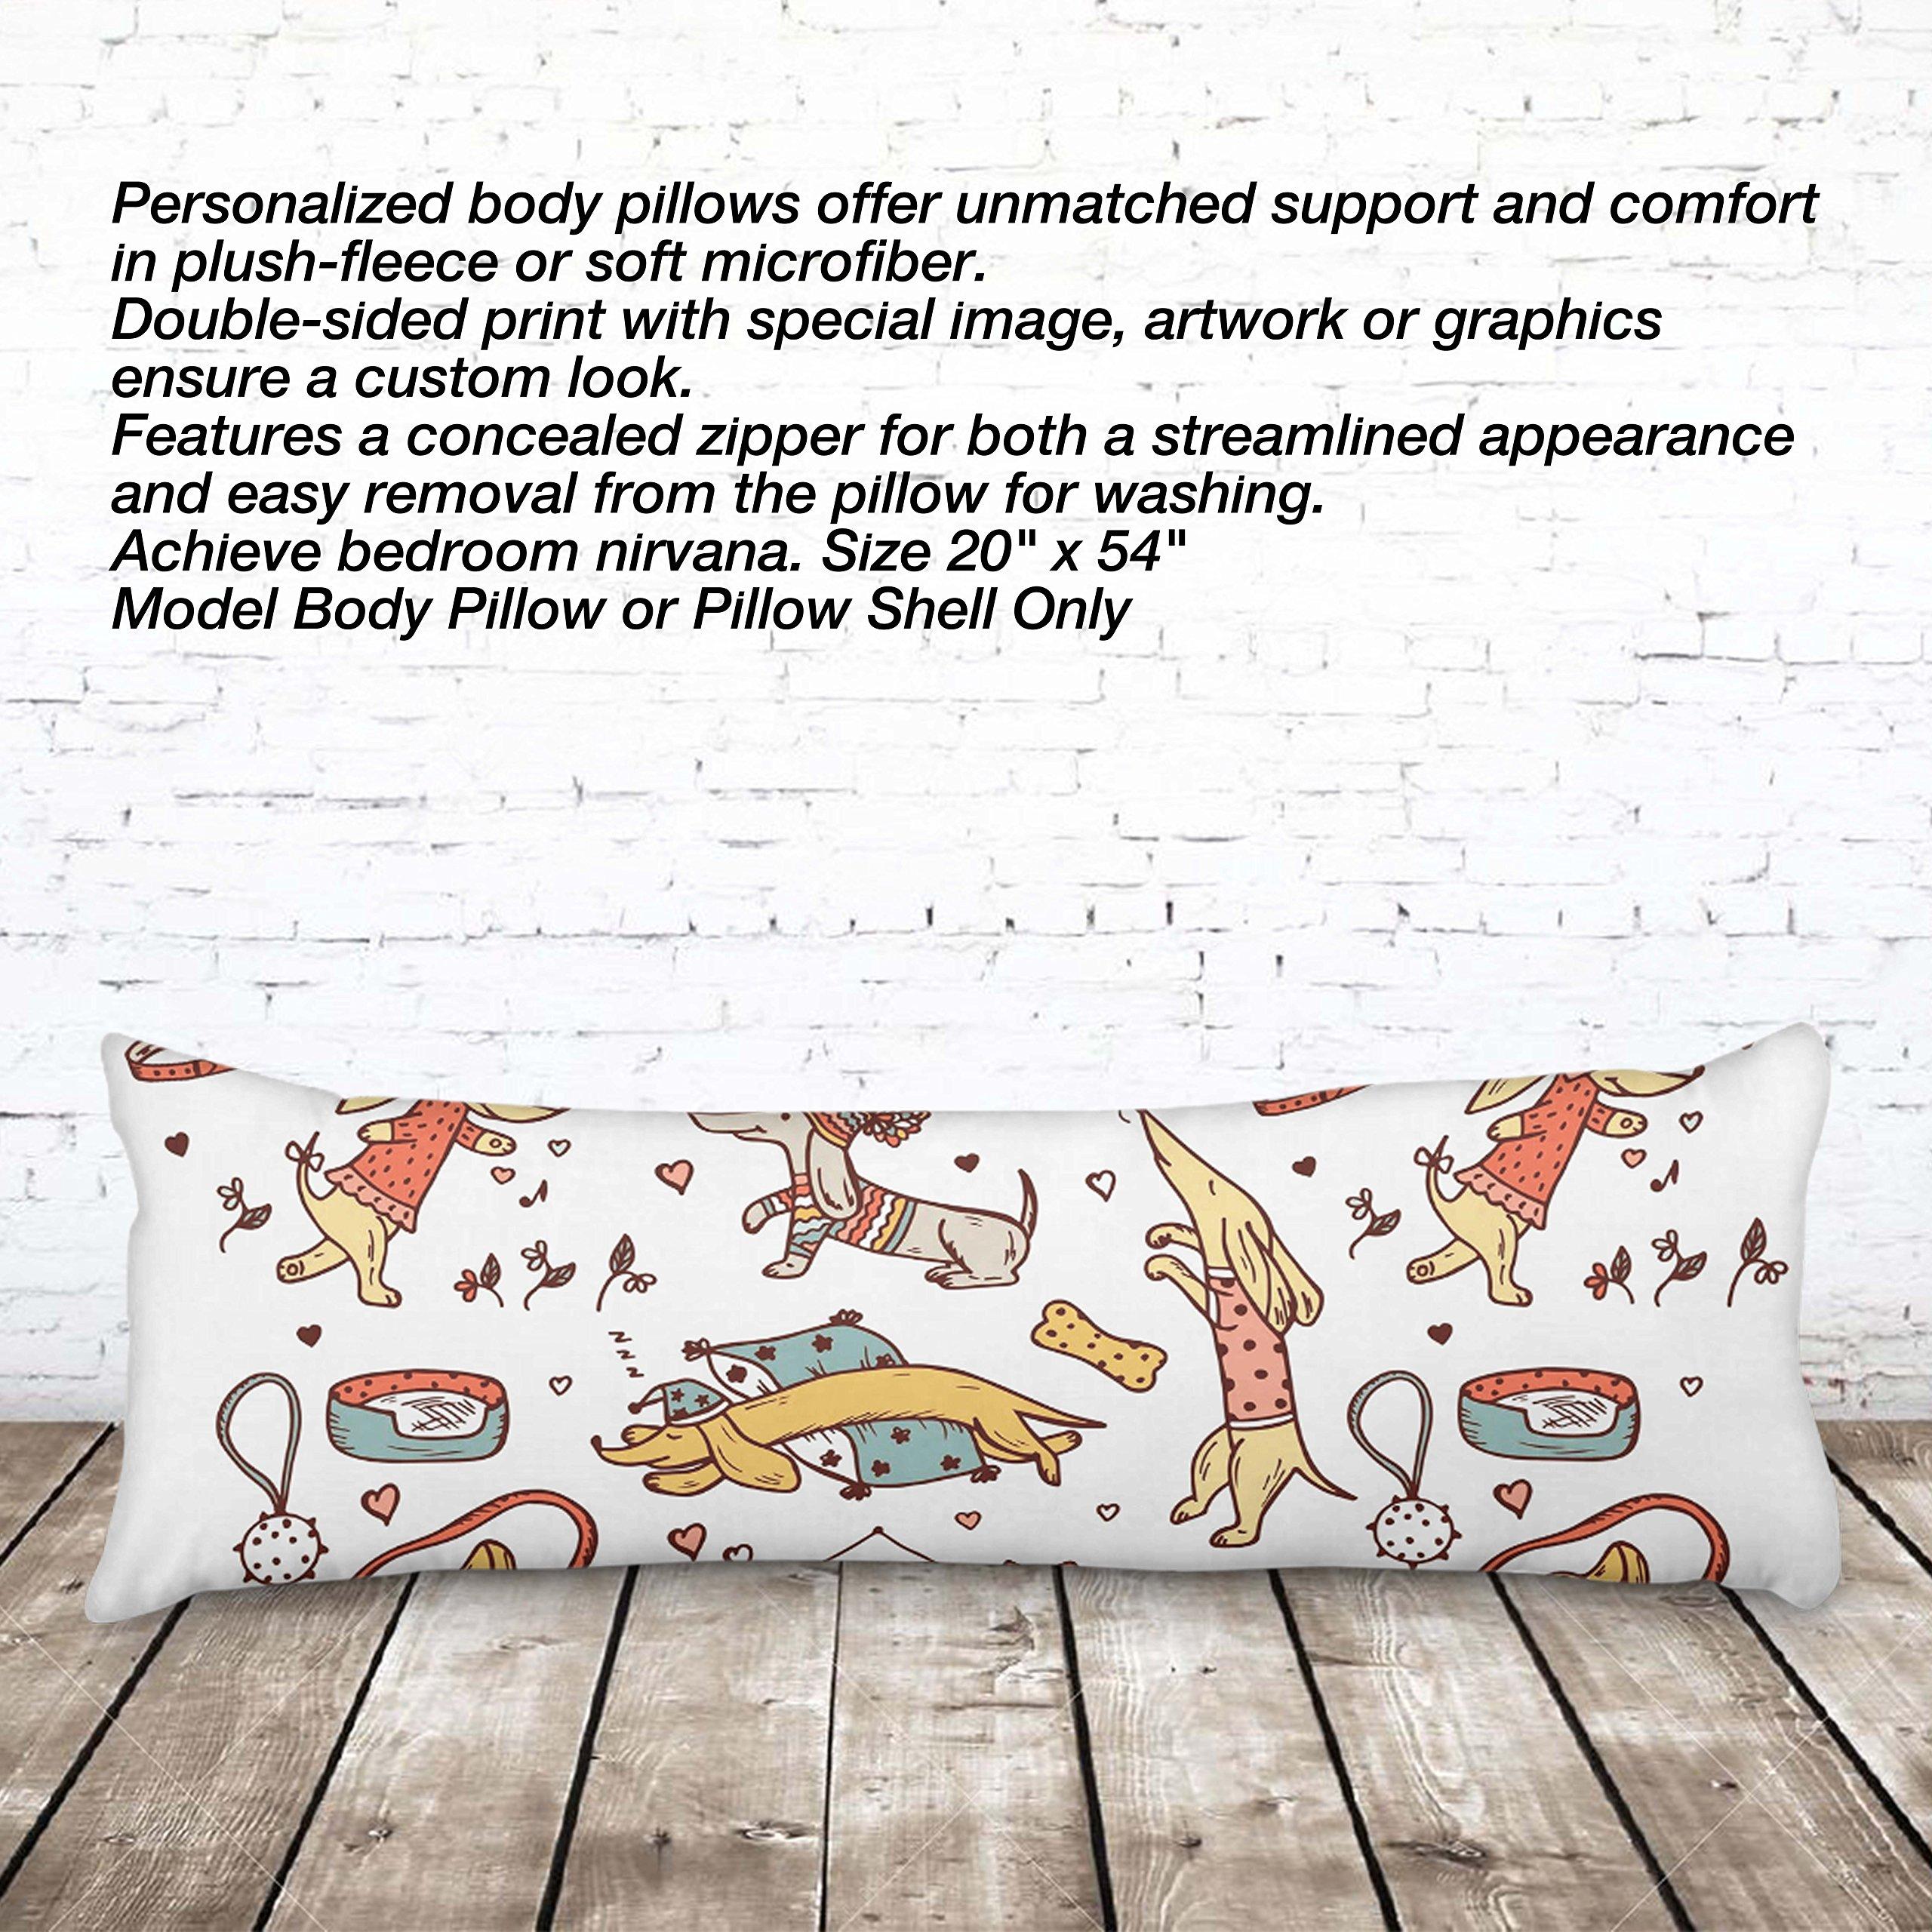 VOTANTA - Doxies Vintage Body pillows (Body Pillow 100% Microfiber, 20x54'')